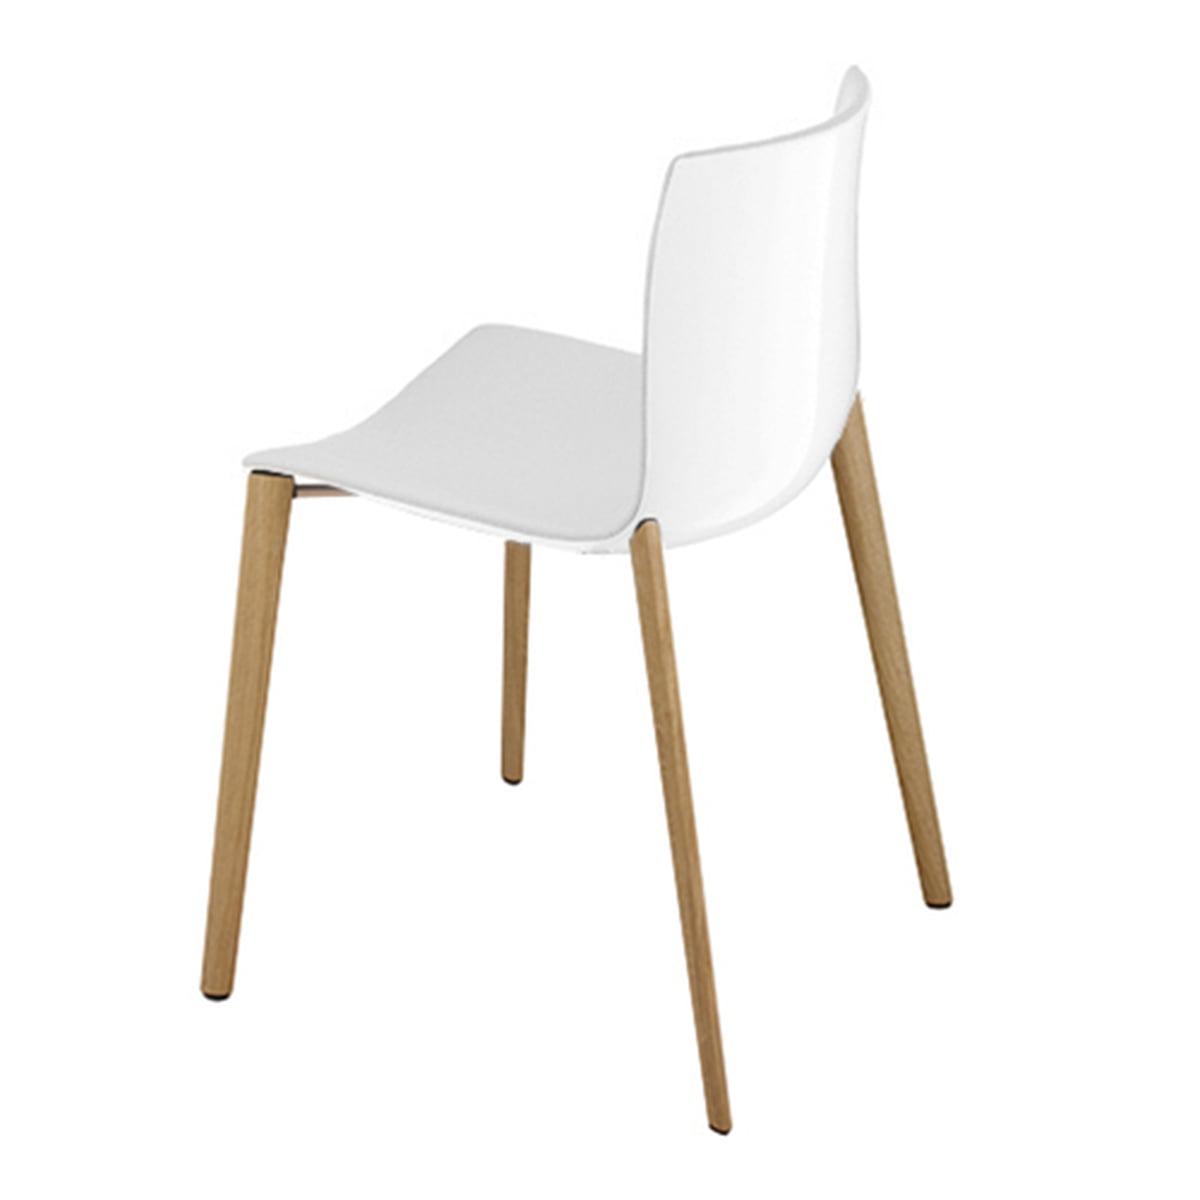 Quatre Pieds Chaises la chaise catifa 46 piètement bois 4 pieds